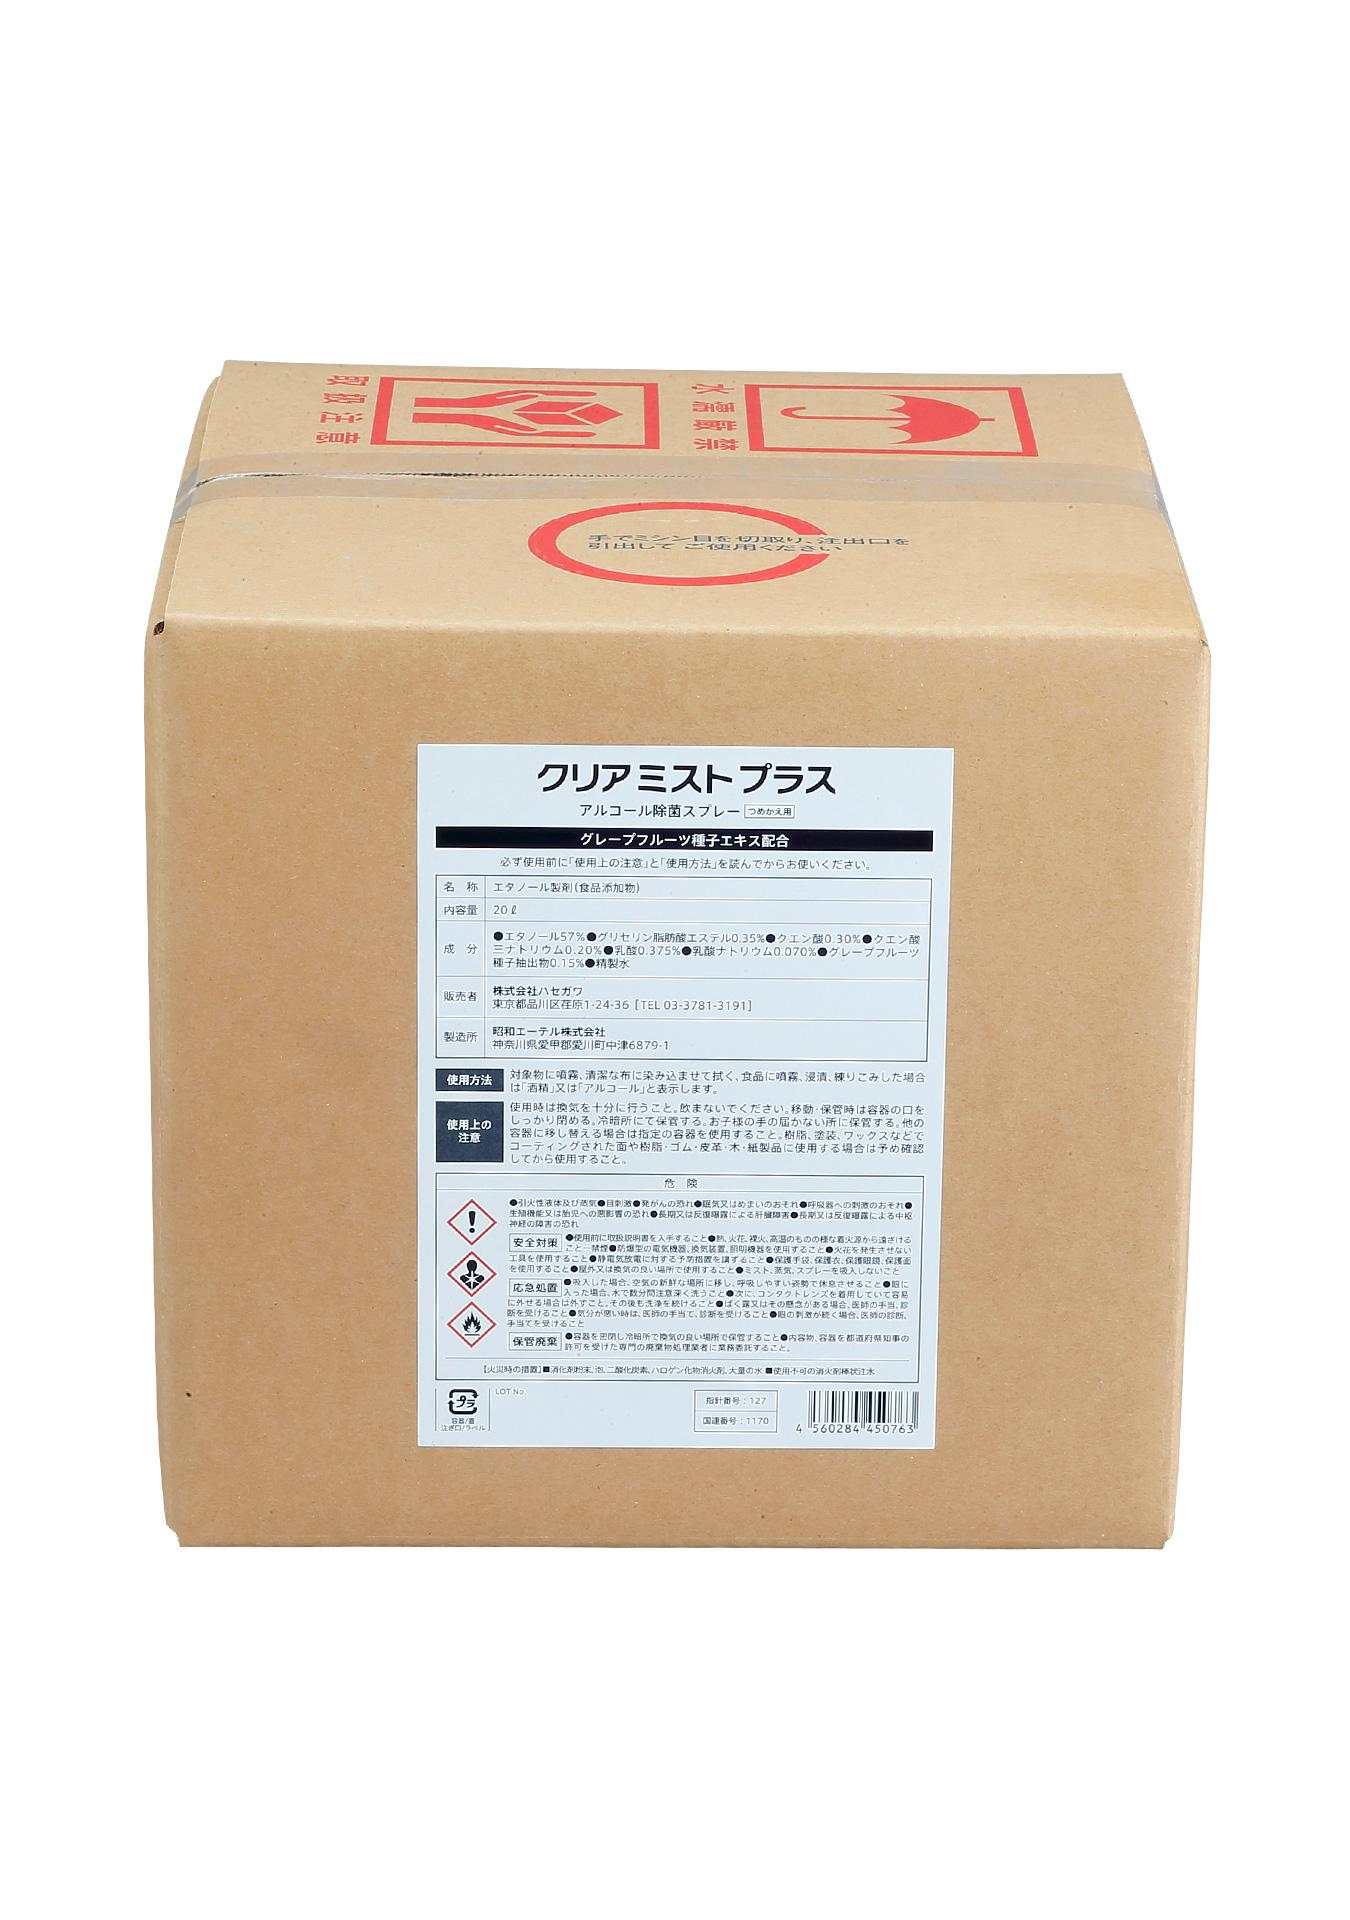 アルコール製剤(エタノール製剤) クリアミストプラス 20L(食品添加物)